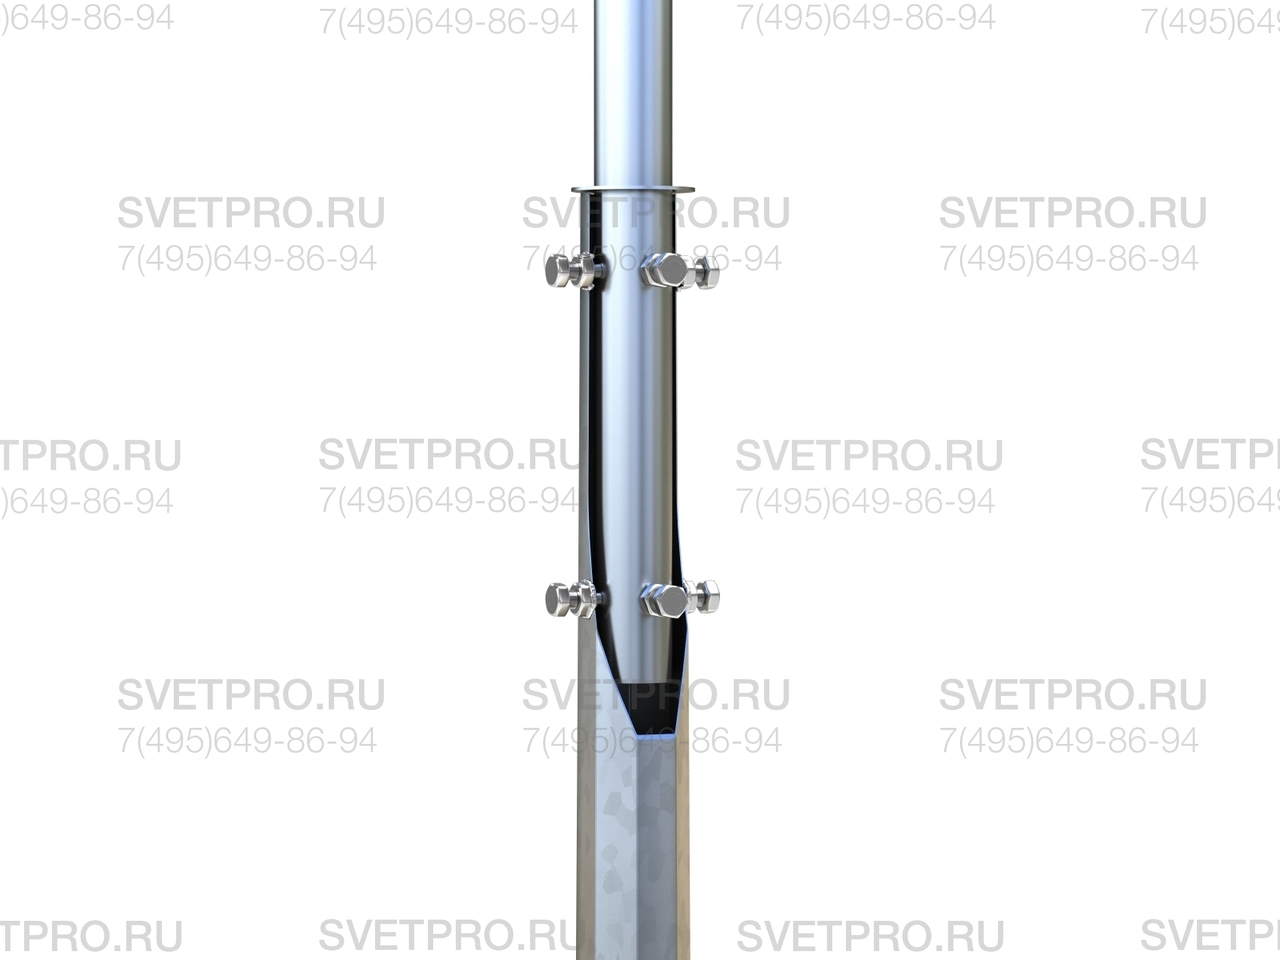 Крепление кронштейна к опоре производится с помощью хвостовой части, которая ограничена вверху шайбой. Фиксация выполнена с помощью 2 групп по 4 болта, которые вкручиваются в корпус. Благодаря большой длине хвостовика достигается прочность соединительного узла.